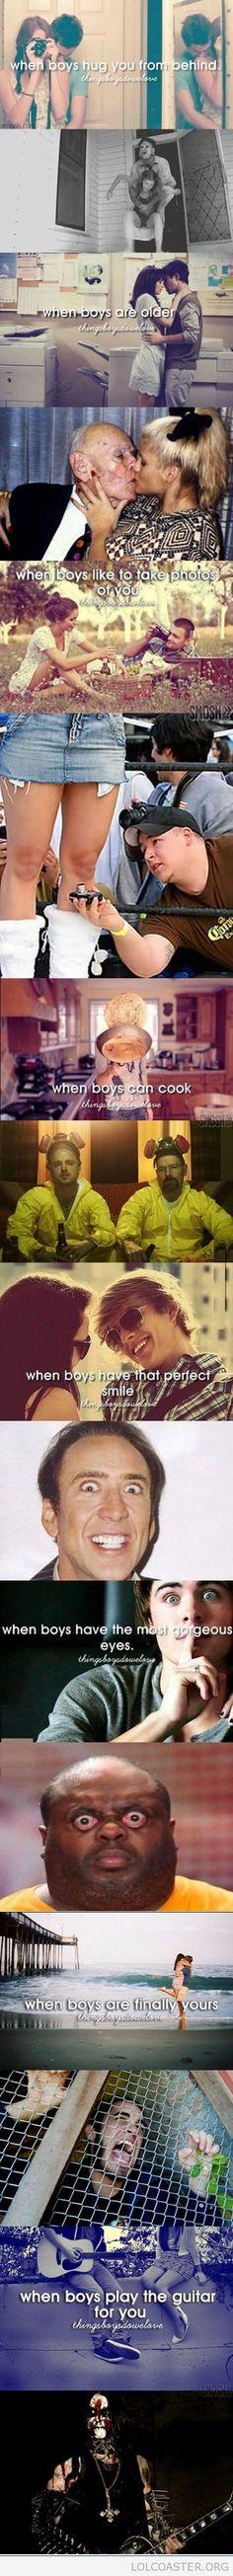 When Boys <3 Hahahahahahahahahahaha!!!!!!!!!!